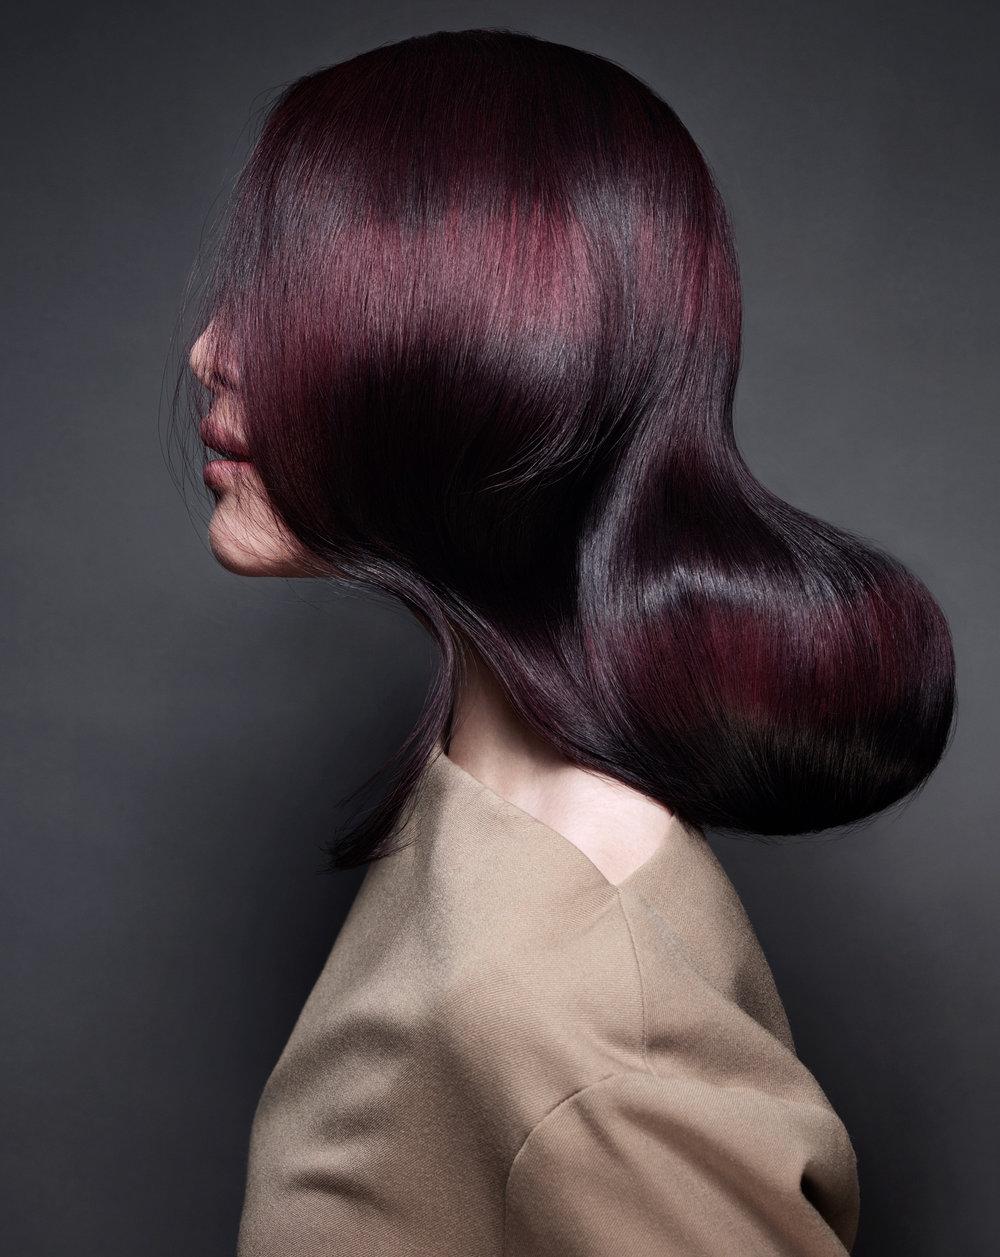 Jack_Eames_Hair_Colour_London_Shot_05.jpg